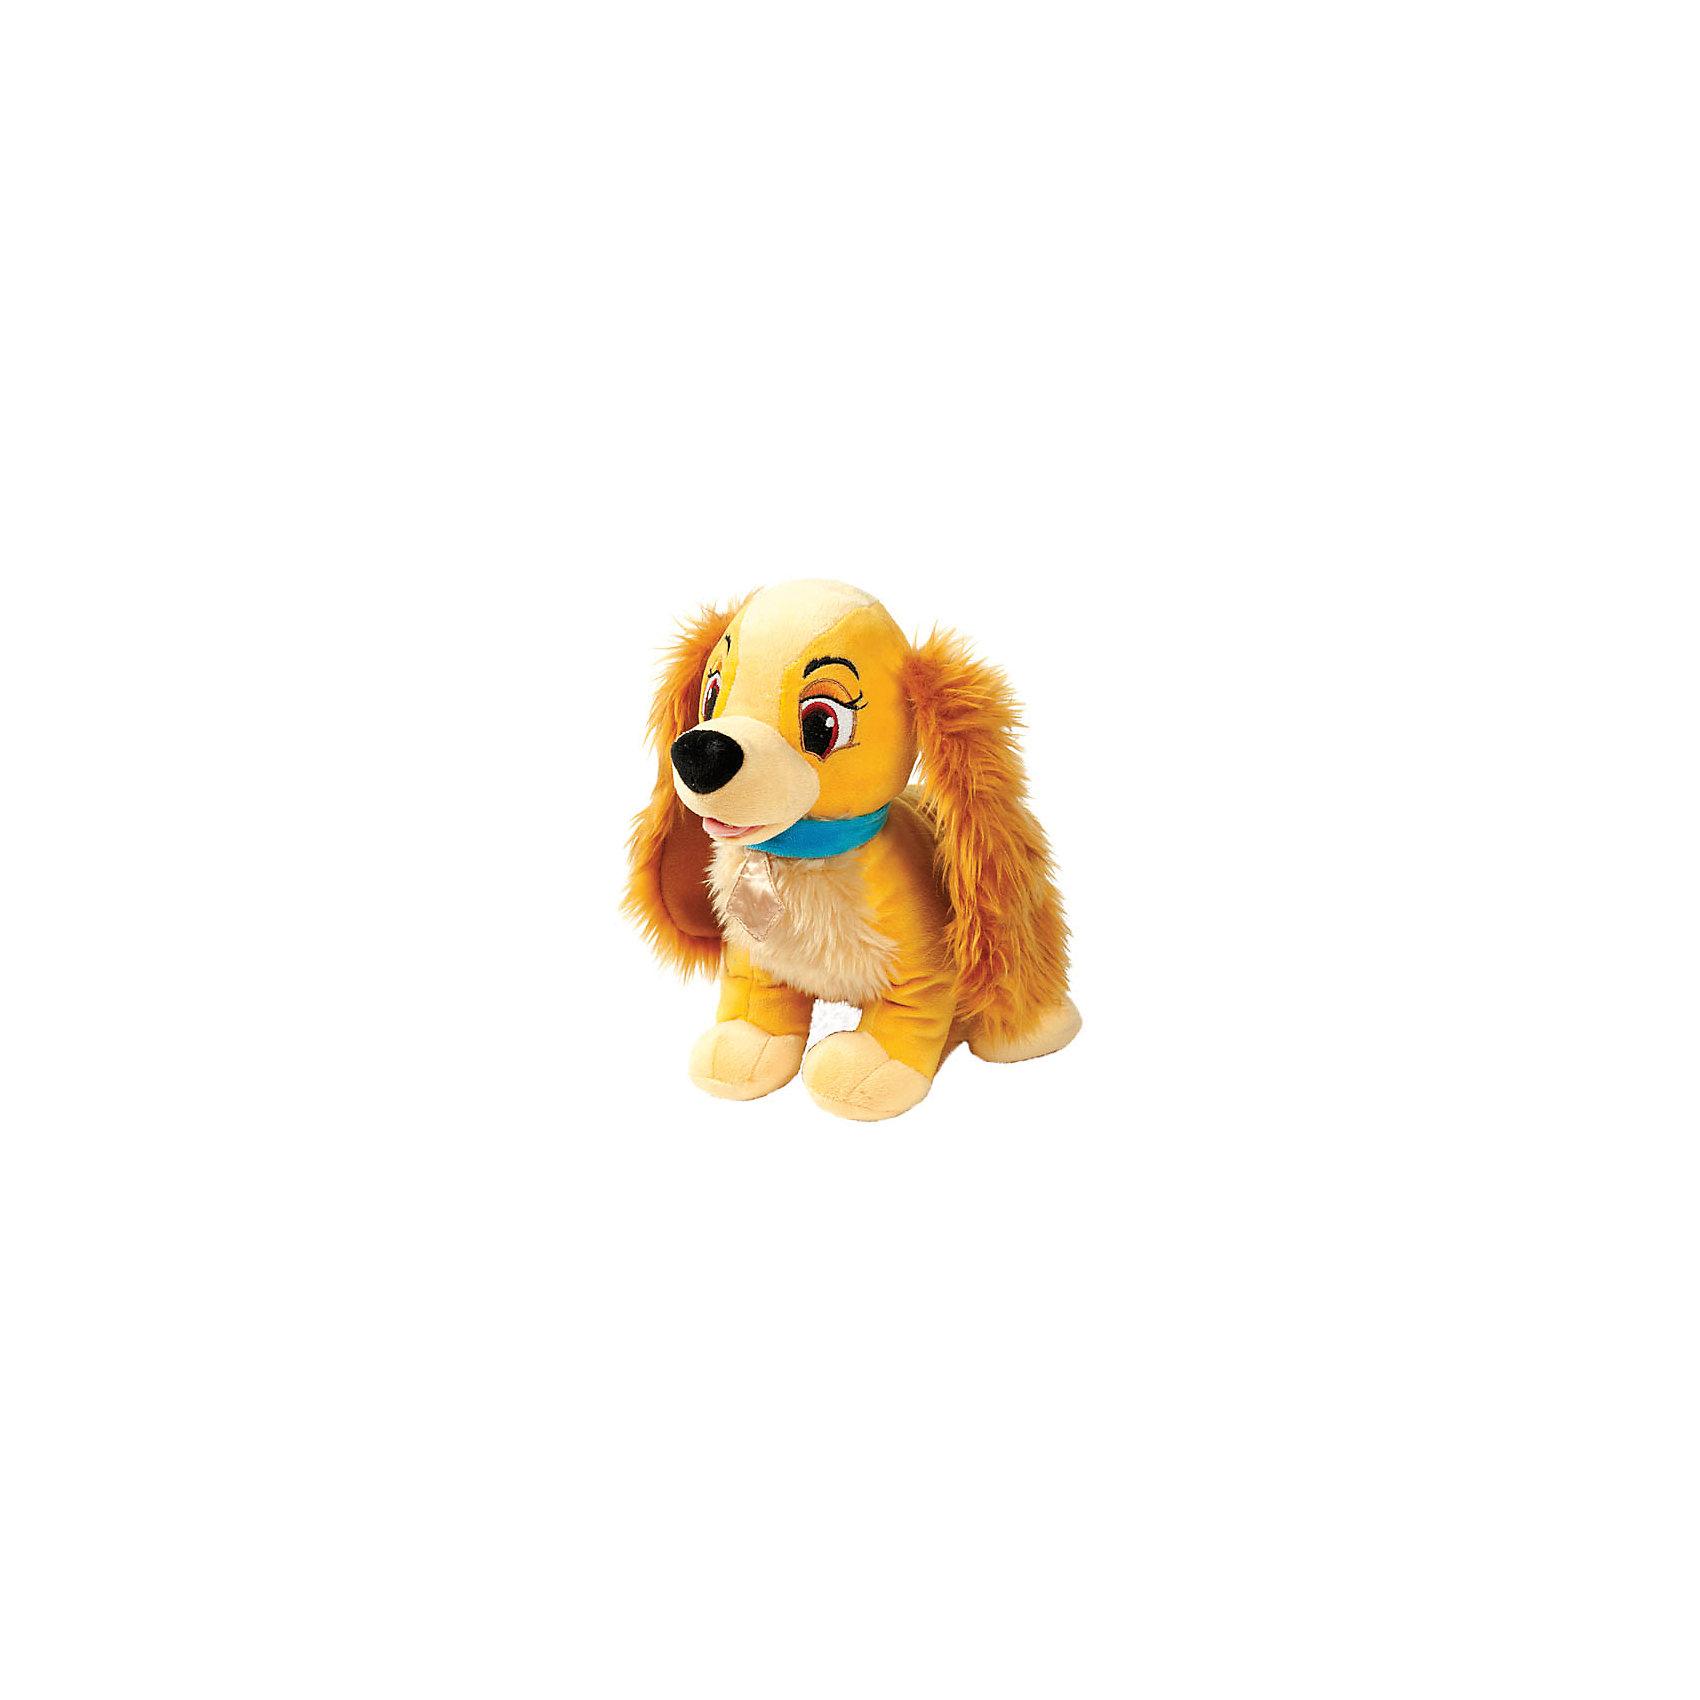 Мягкая игрушка  Леди Disney, 25 см, со звуком, МУЛЬТИ-ПУЛЬТИКошки и собаки<br>Мягкая игрушка Леди Disney со звуком от марки МУЛЬТИ-ПУЛЬТИ<br><br>Интерактивная мягкая игрушка от отечественного производителя сделана в виде известного персонажа из диснеевского мультфильма. Она поможет ребенку проводить время весело и с пользой. В игрушке есть встроенный звуковой модуль, работающий на батарейках.<br>Размер игрушки универсален - 25 сантиметров, её удобно брать с собой в поездки и на прогулку. Сделана она из качественных и безопасных для ребенка материалов, которые еще и приятны на ощупь. <br><br>Отличительные особенности  игрушки:<br><br>- материал: текстиль, пластик;<br>- звуковой модуль;<br>- цвет: коричневый;<br>- работает на батарейках;<br>- высота: 25 см.<br><br>Мягкую игрушку Леди Disney от марки МУЛЬТИ-ПУЛЬТИ можно купить в нашем магазине.<br><br>Ширина мм: 380<br>Глубина мм: 510<br>Высота мм: 450<br>Вес г: 250<br>Возраст от месяцев: 36<br>Возраст до месяцев: 84<br>Пол: Женский<br>Возраст: Детский<br>SKU: 4659504